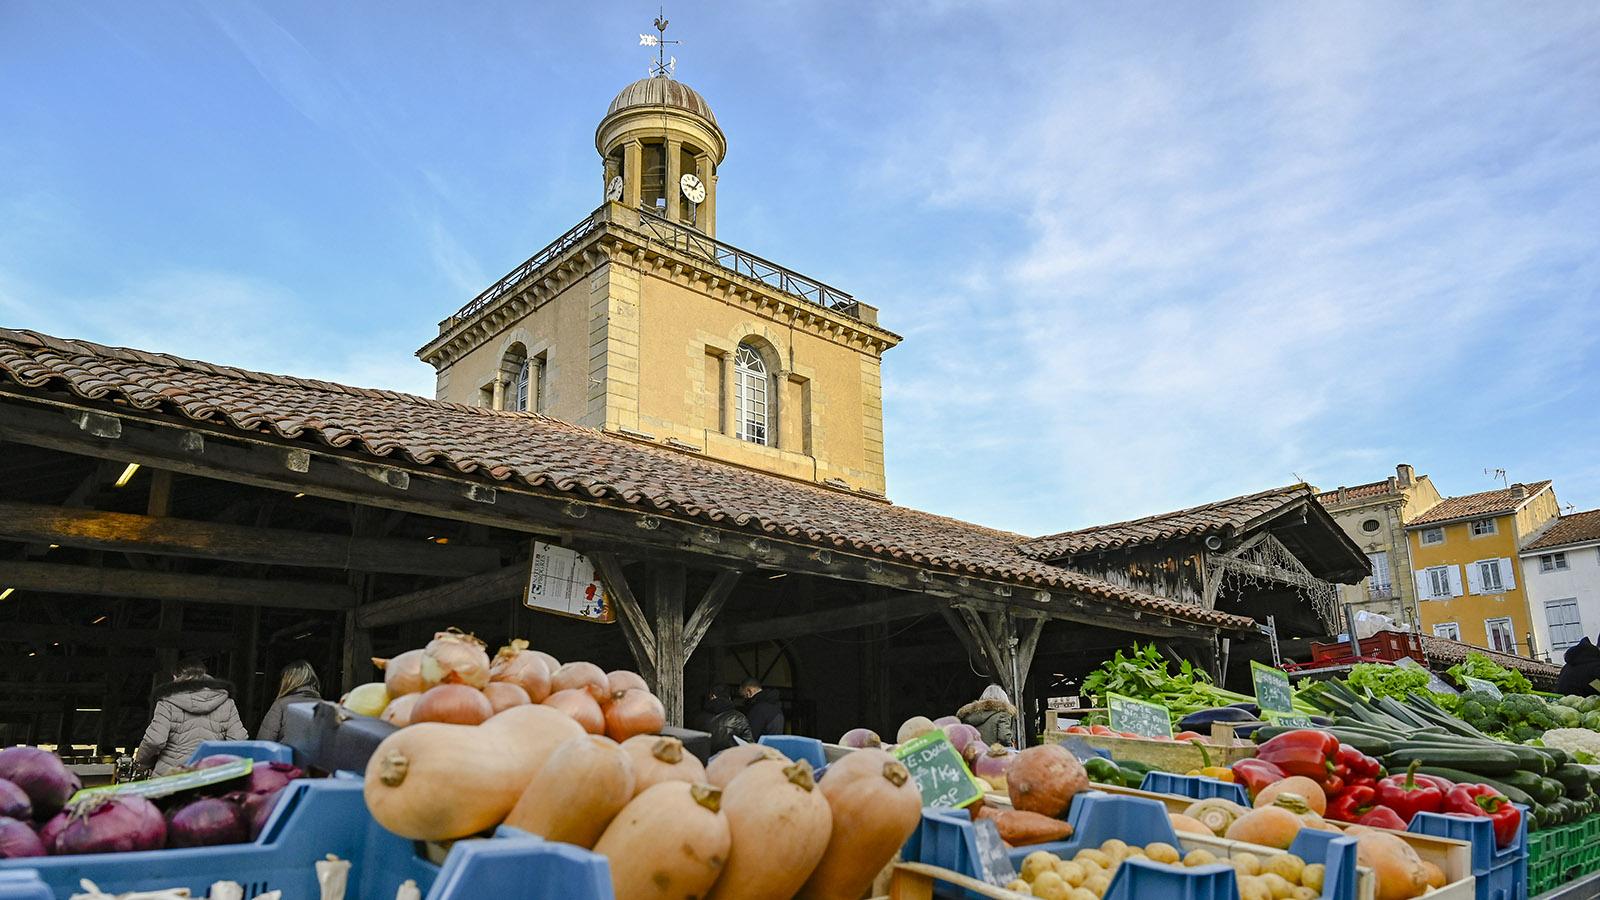 Jeden Sonnabend ist Marktzeit in der Bastide Revel. Foto: Hilke Maunder